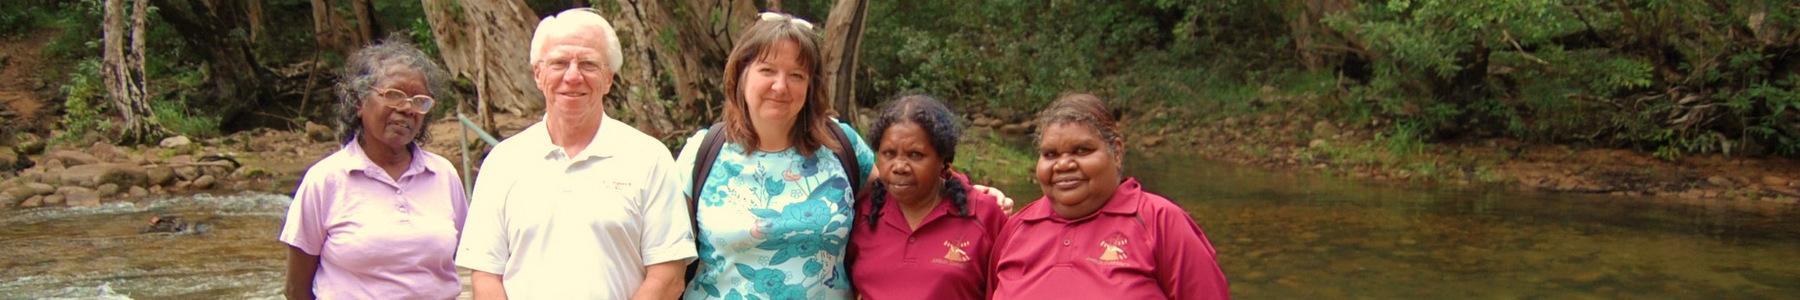 Aboriginal People of Australia